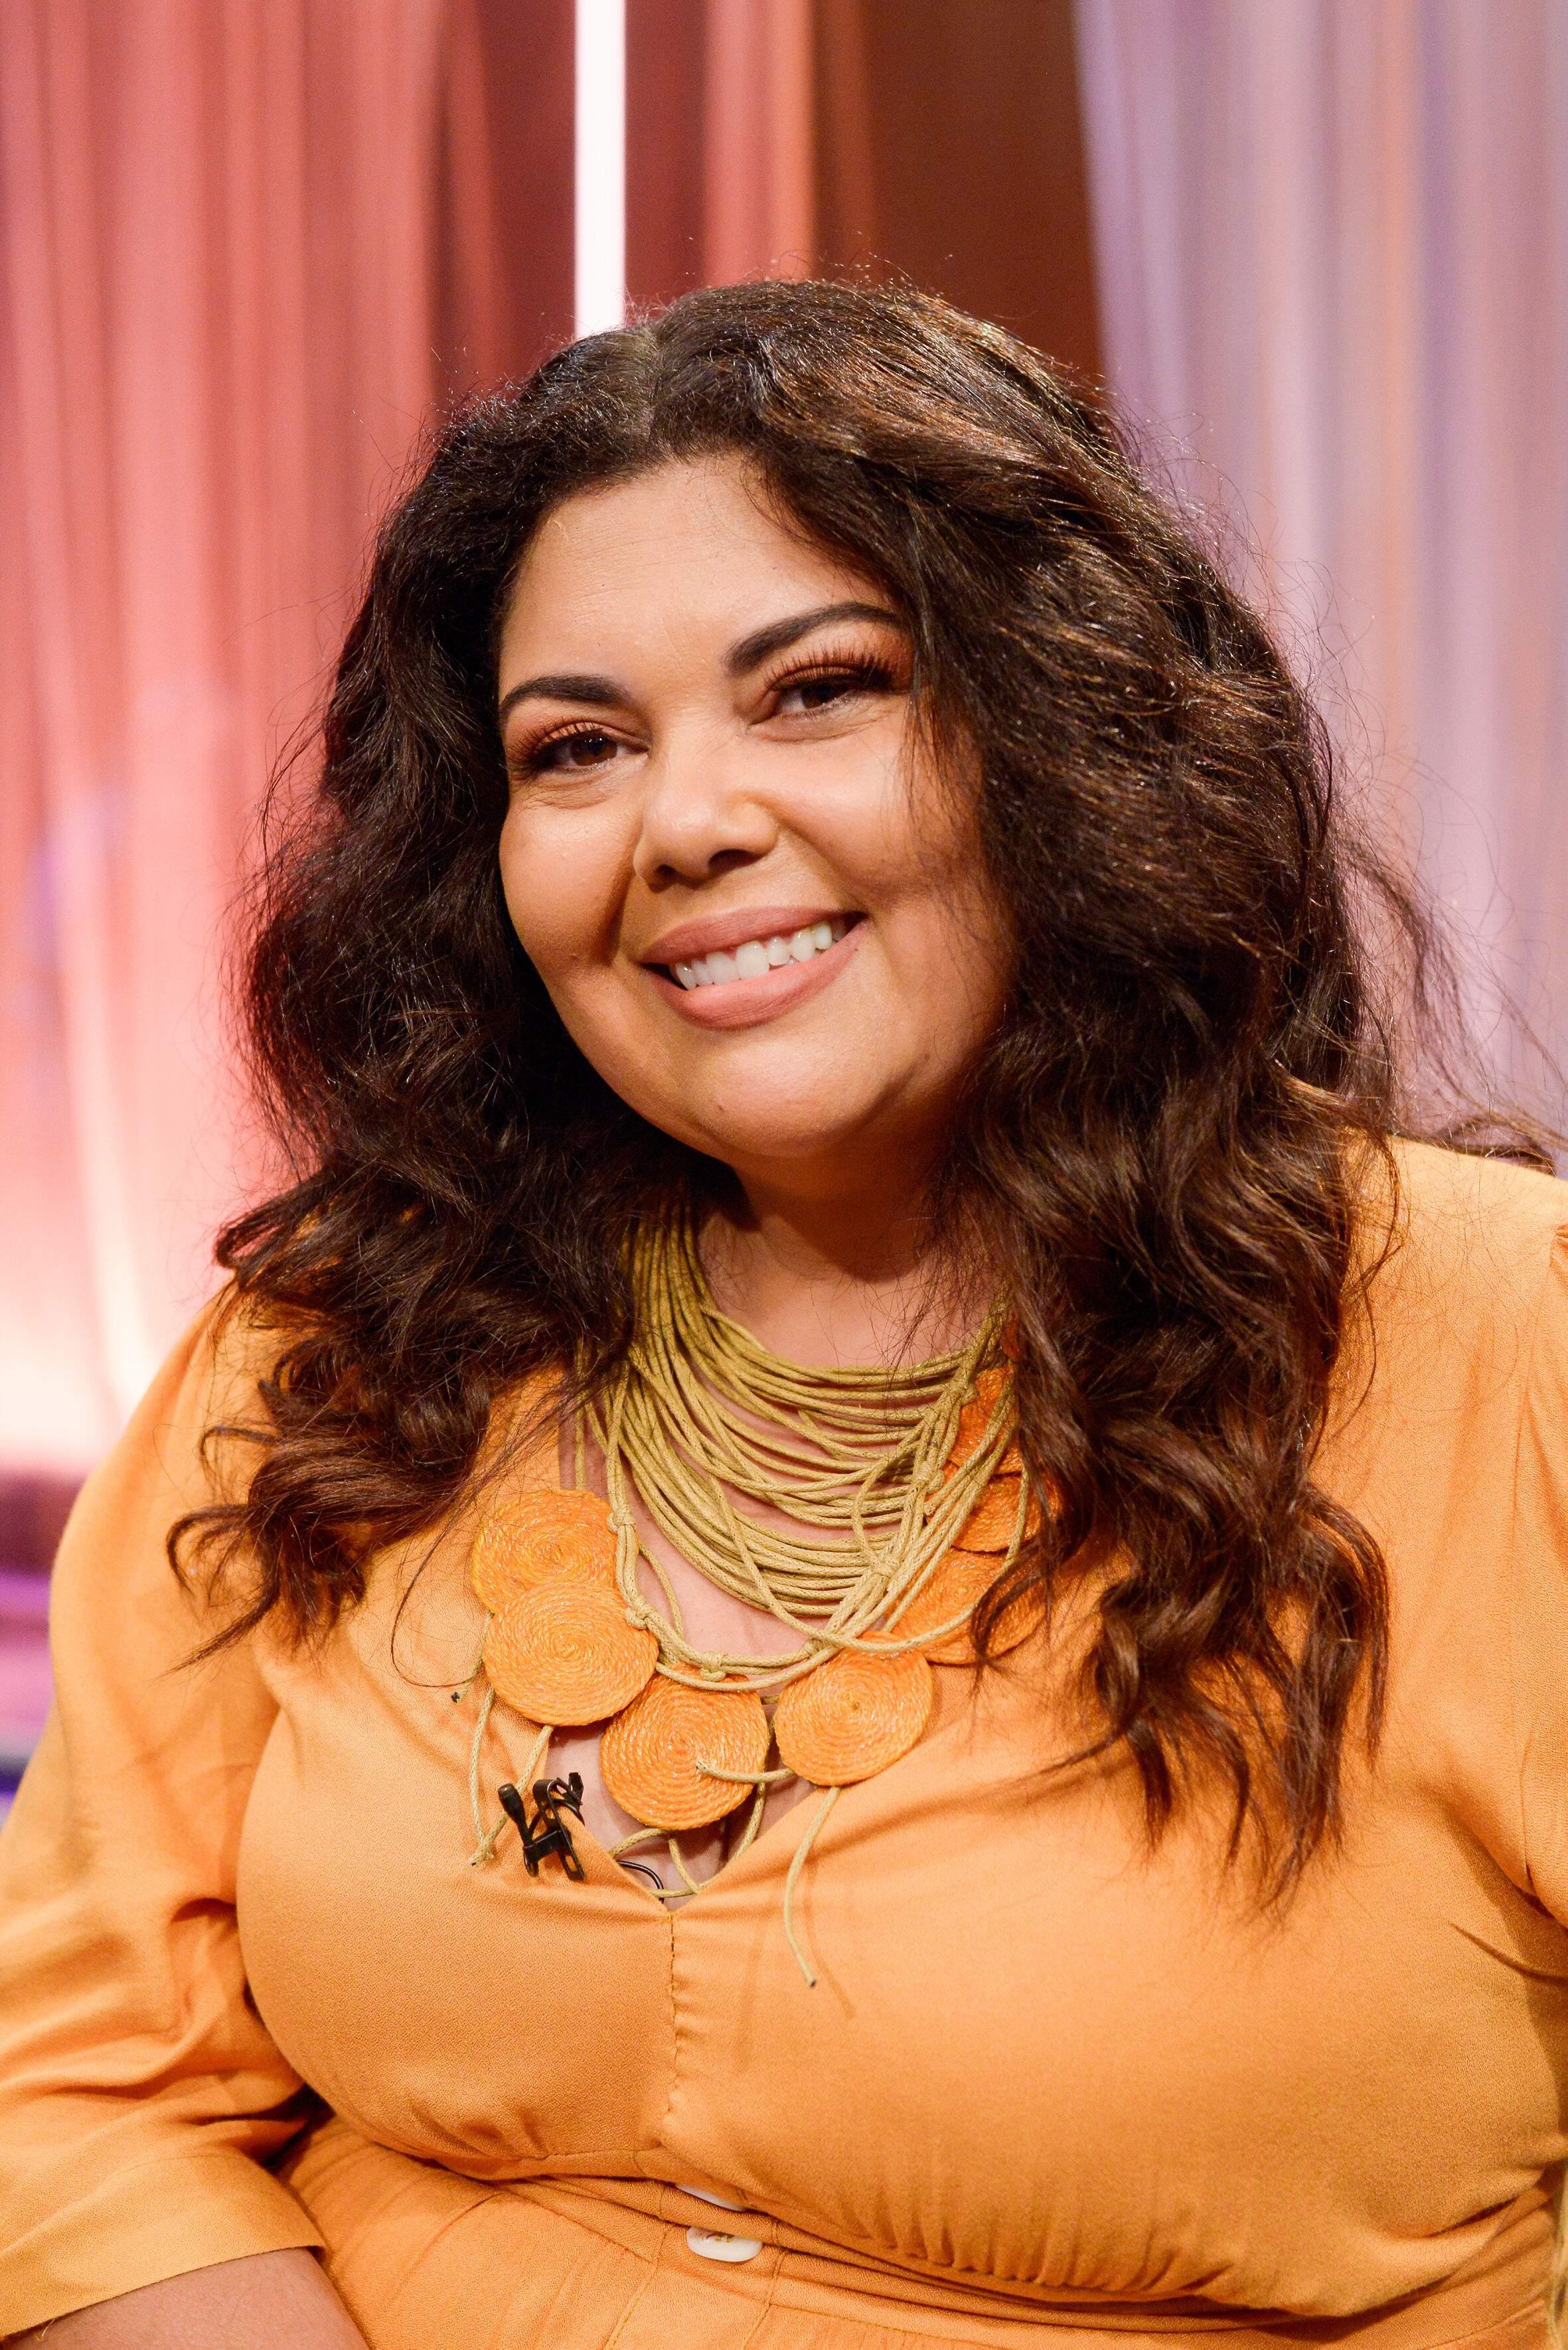 Fabiana Karla é a mediadora do bate-papo com as cinco mulheres